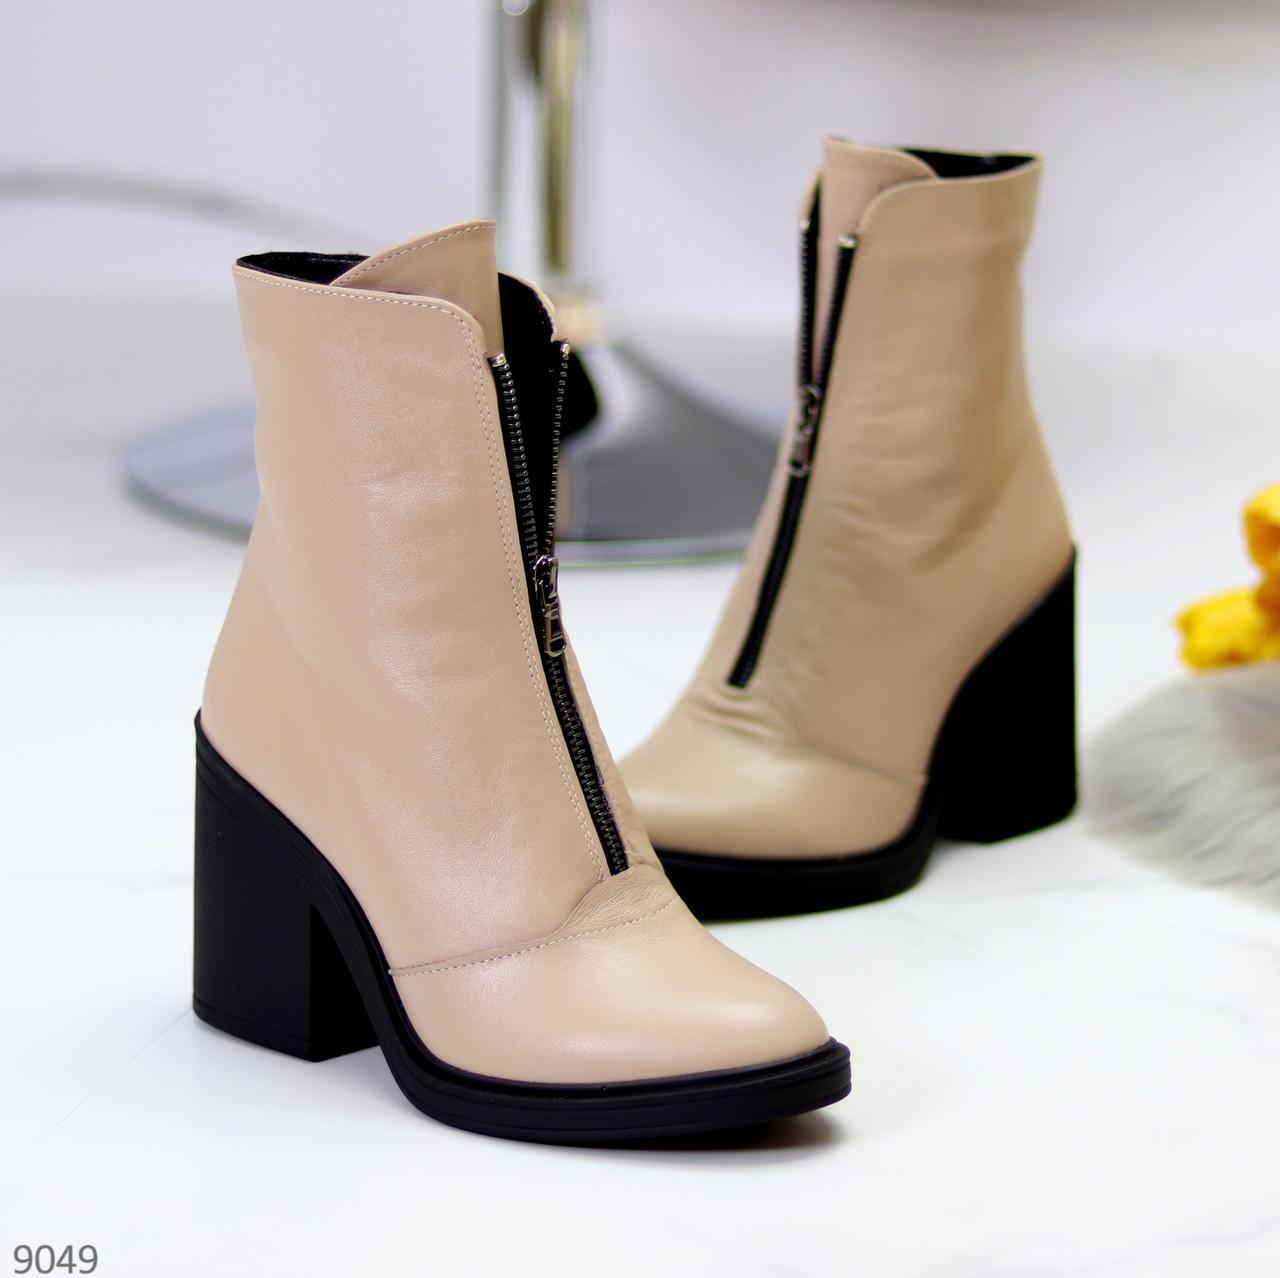 Бежевые женские ботинки из натуральной кожи на молнии на устойчивом каблуке